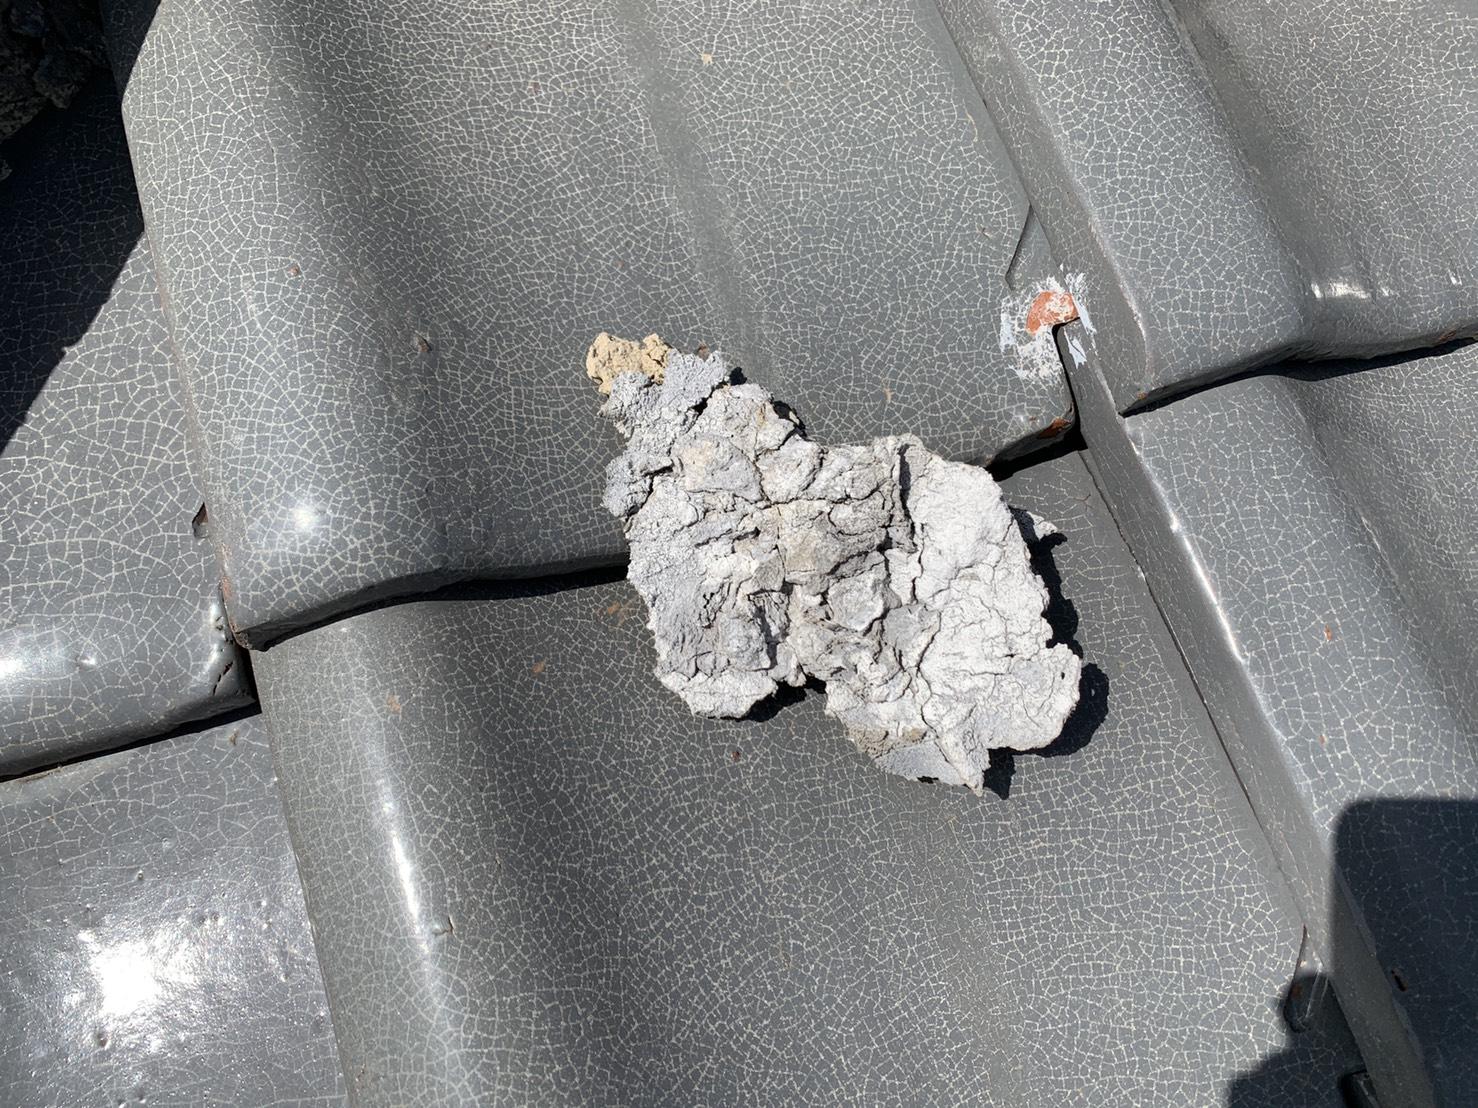 劣化した漆喰が瓦屋根の上に転がっている様子